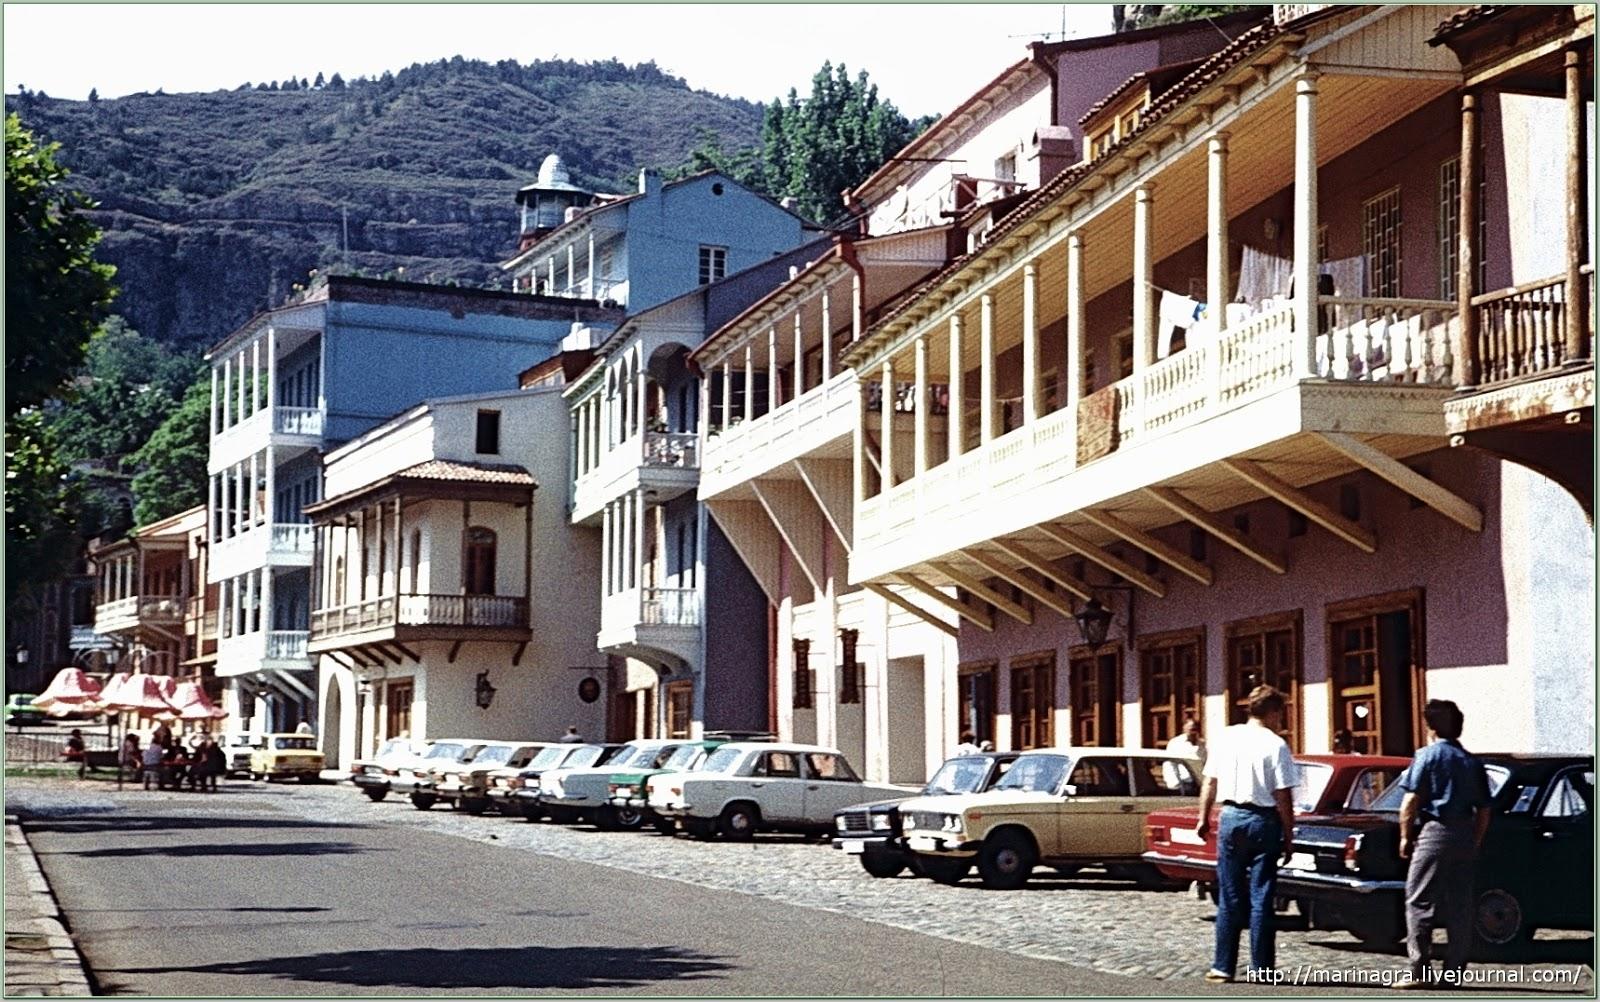 фото тбилиси времен ссср сожалению